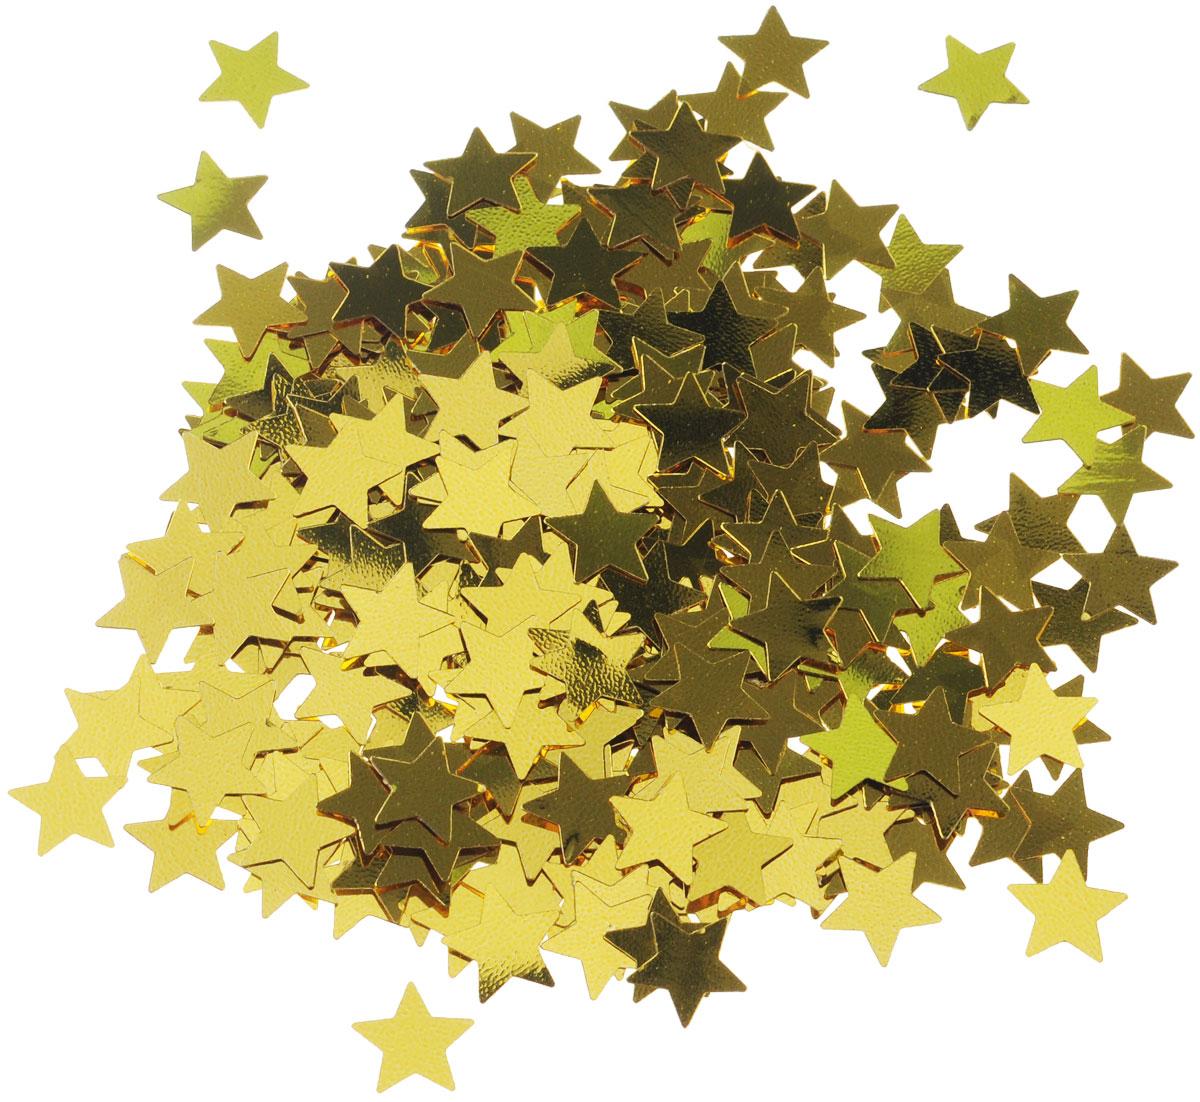 Веселая затея Конфетти Золотые звезды, 14 г1501-0192Конфетти Веселая затея Золотые звезды - неотъемлемый атрибут праздников, триумфальных шествий, а также свадебных торжеств. Выполнено из прочного материала в форме золотых звездочек.Конфетти осыпают друг друга участники празднеств или его сбрасывают сверху. Конфетти, рассыпанное на столе, является необычной и привлекательной формой украшения праздничного застолья. Еще один оригинальный способ порадовать друзей и близких - насыпьте конфетти в конверт с открыткой - это будет неожиданный сюрприз!Это чудесное украшение принесет в ваш дом или офис незабываемую атмосферу праздничного веселья!